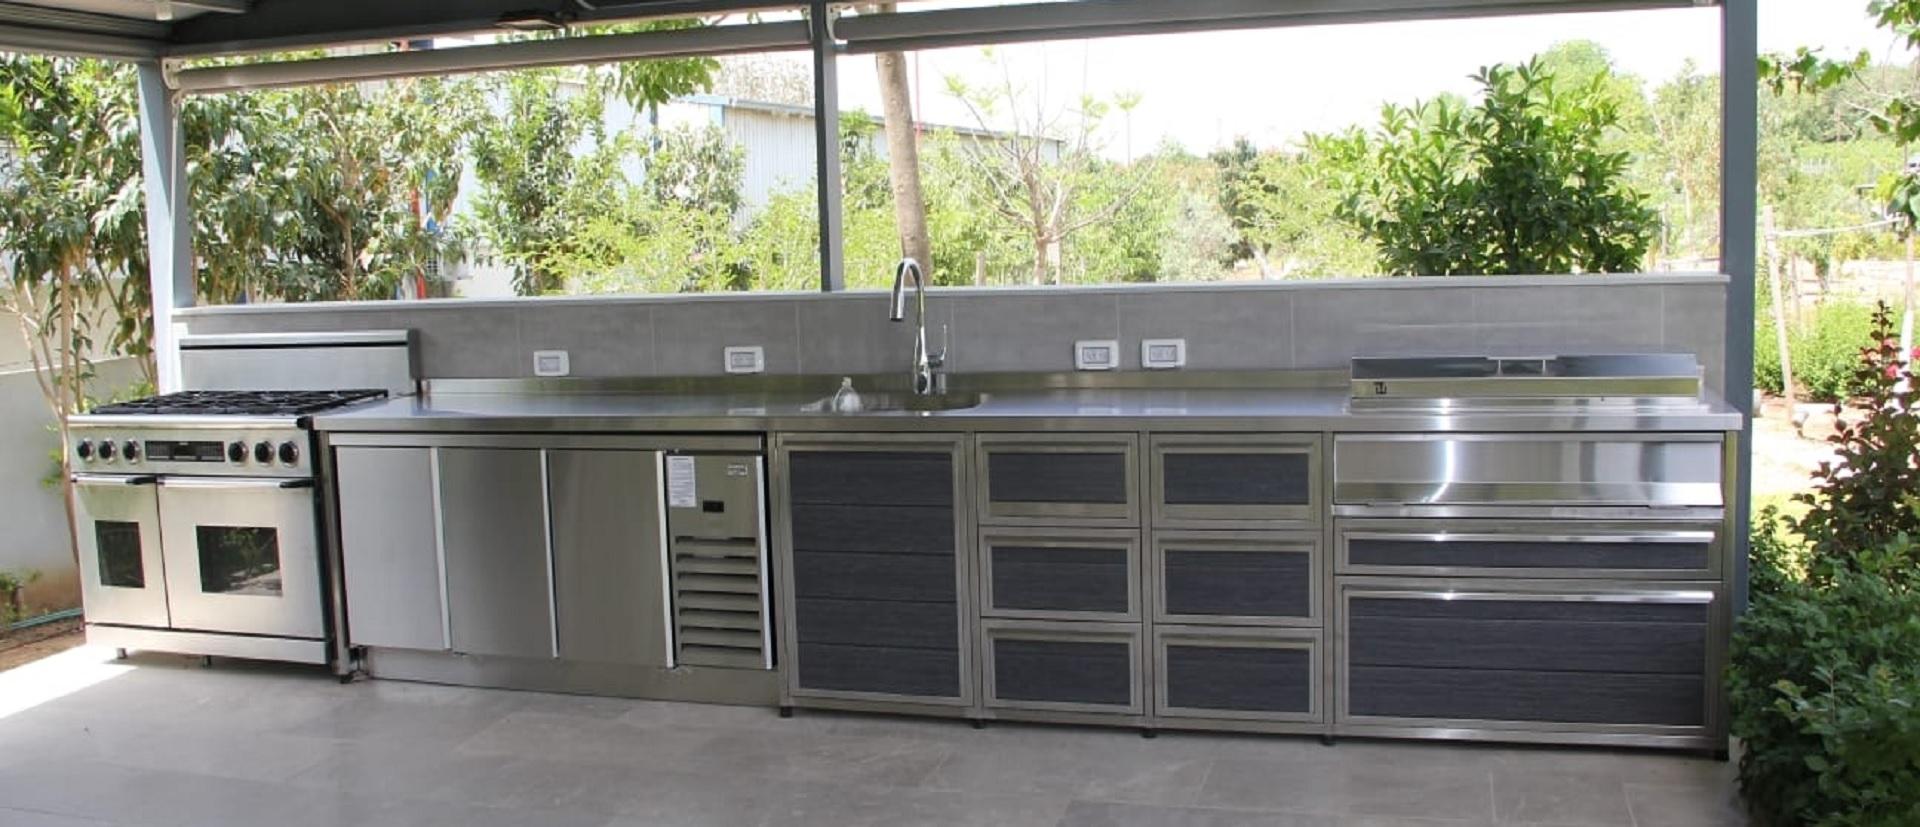 מטבח חוץ נירוסטה מפואר בשילוב תנור מובנה מקרר 3 דלתות נירוסטה וגריל